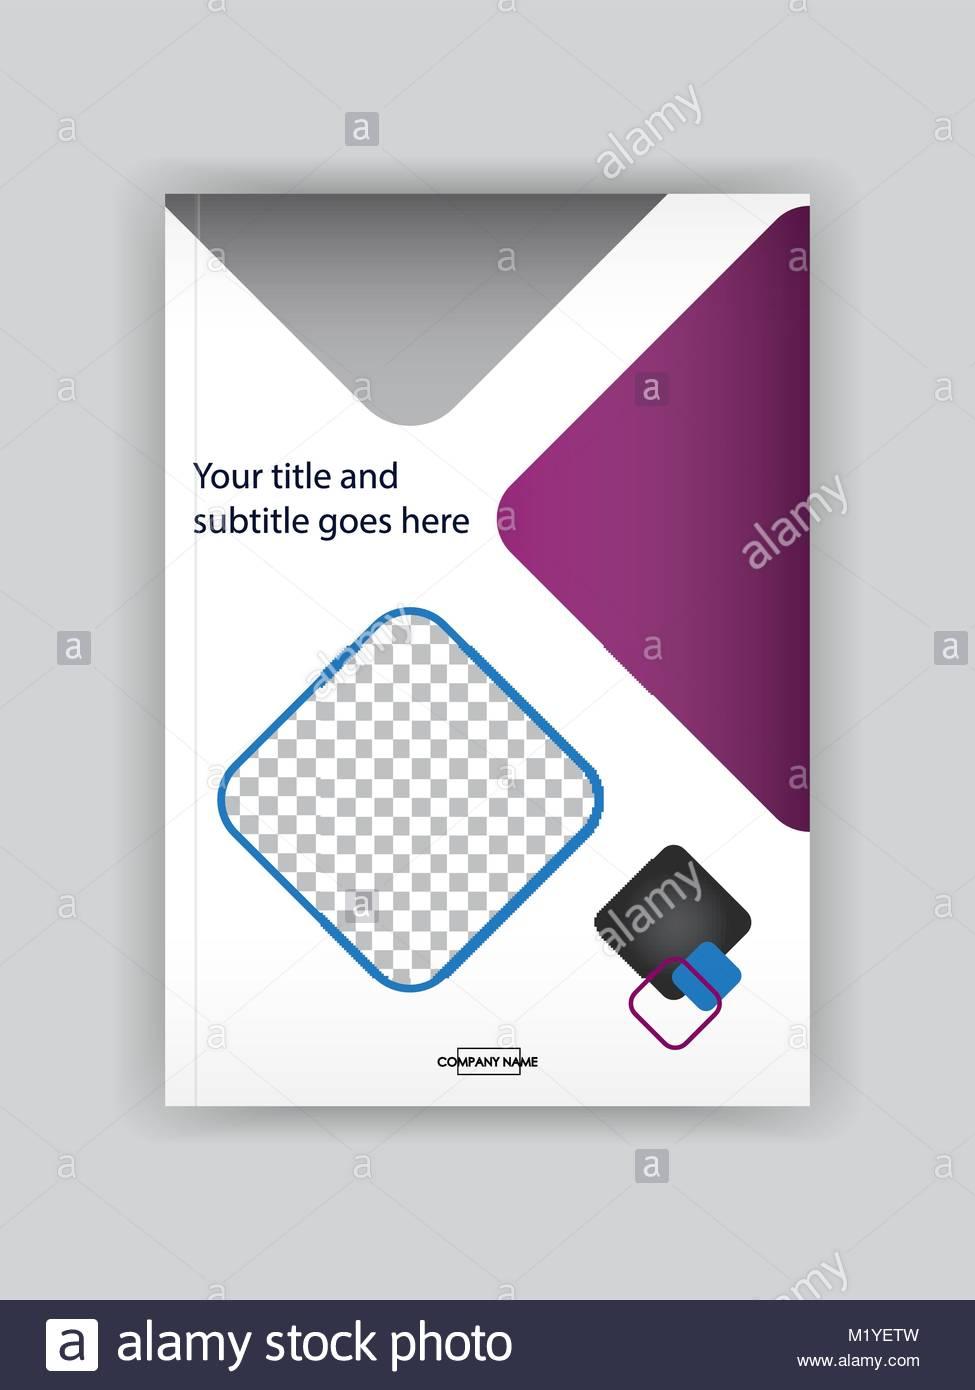 Business Book Cover Art : Business book cover design template good for portfolio